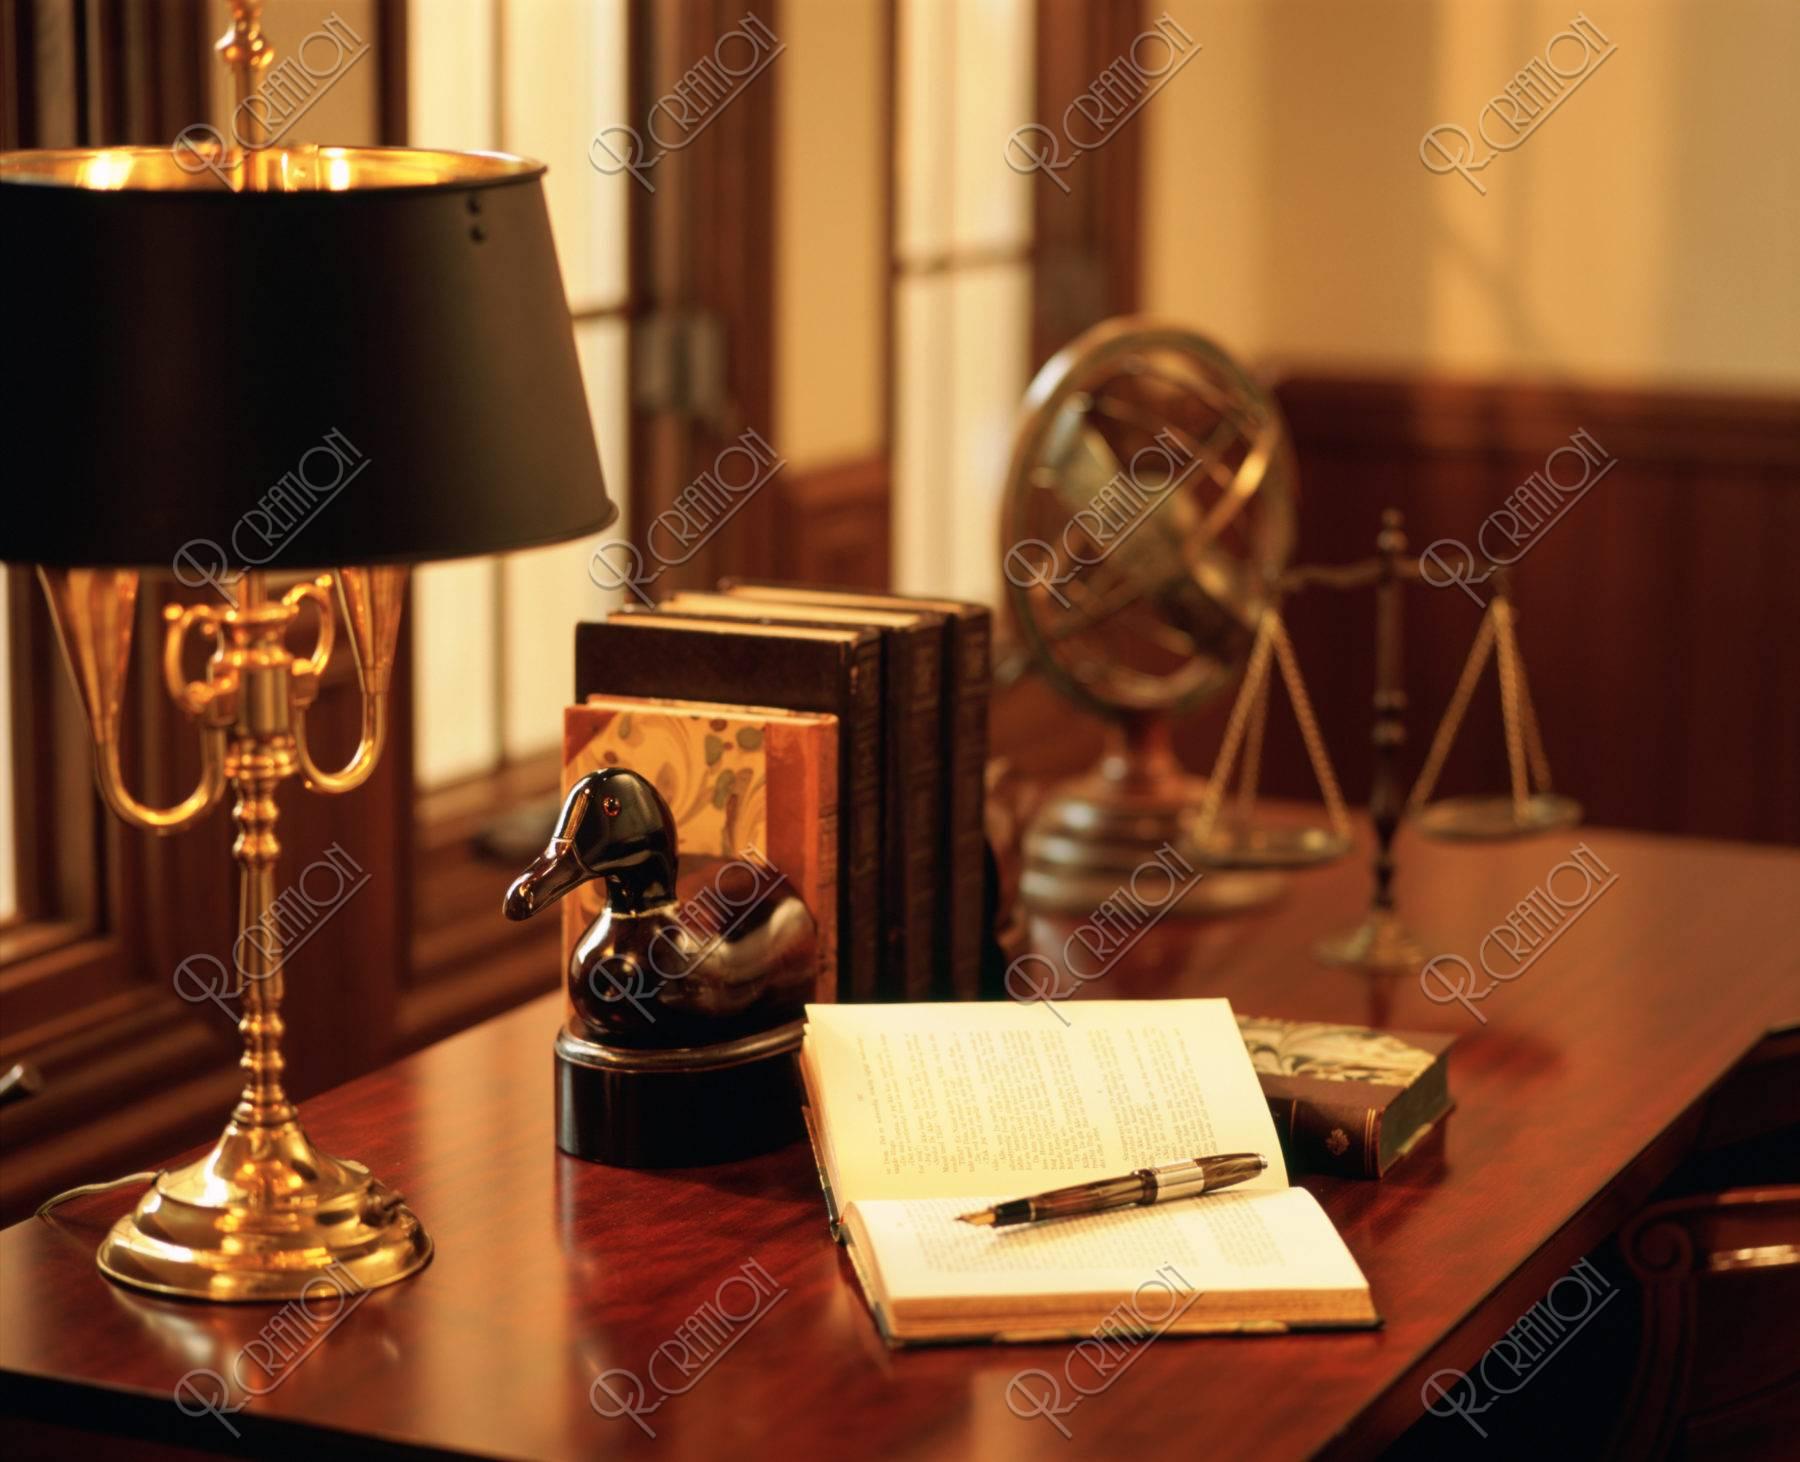 窓辺の机と本